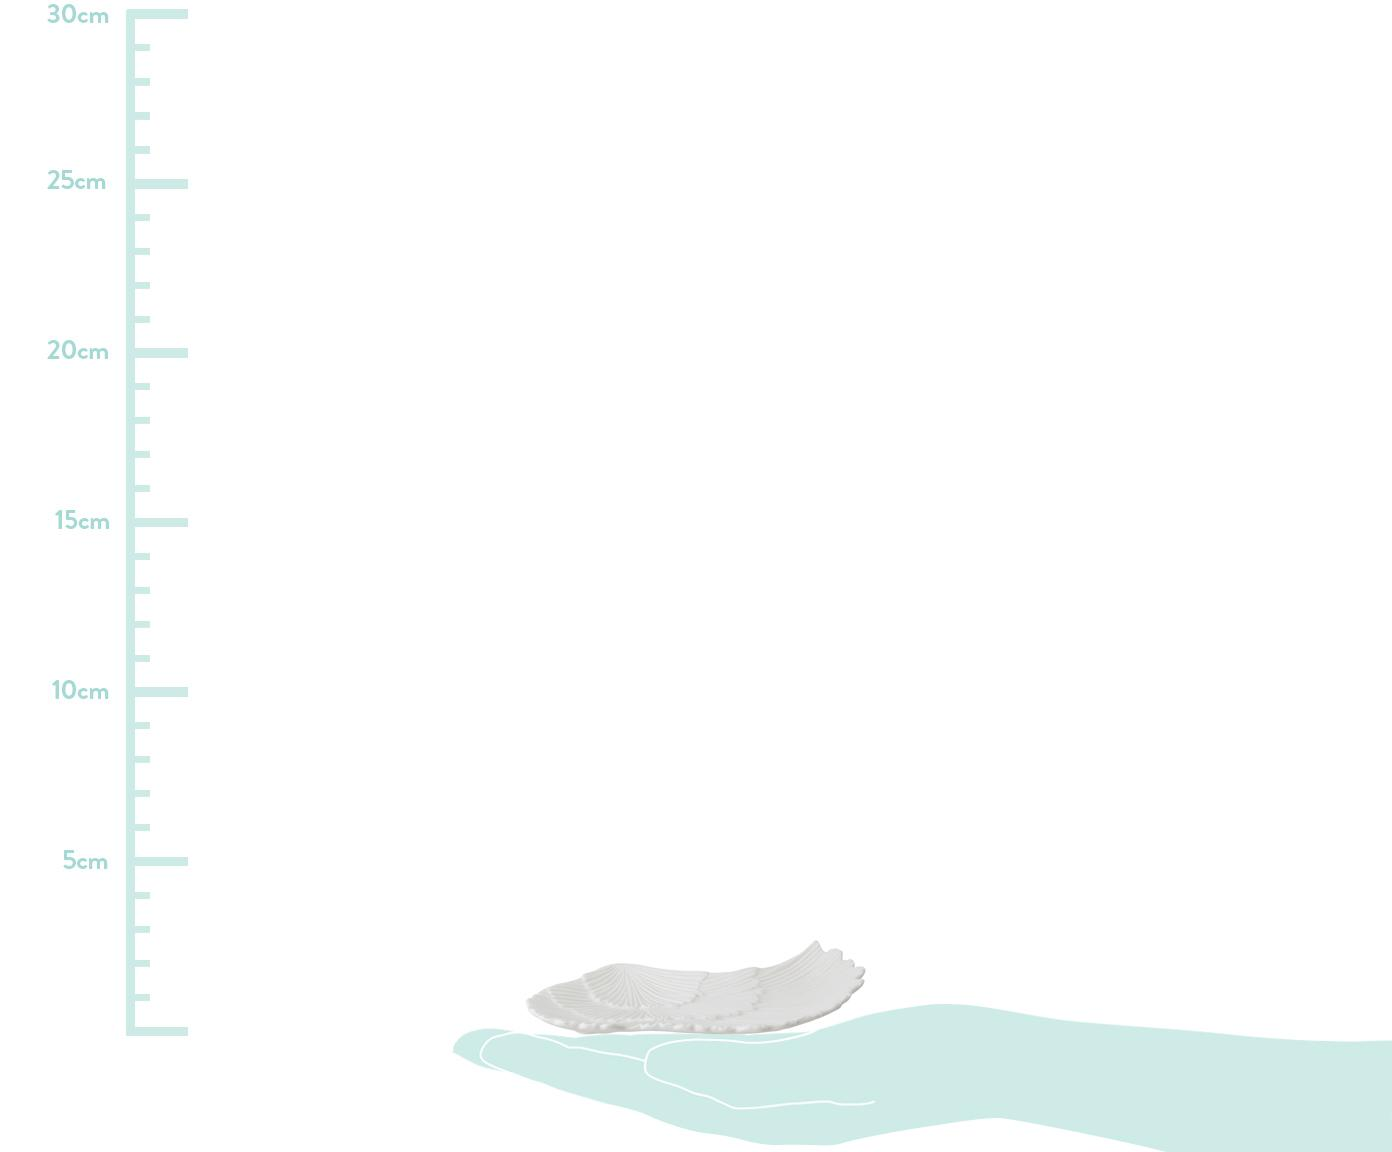 Deko-Schale Inge, Porzellan, Weiß, 10 x 21 cm